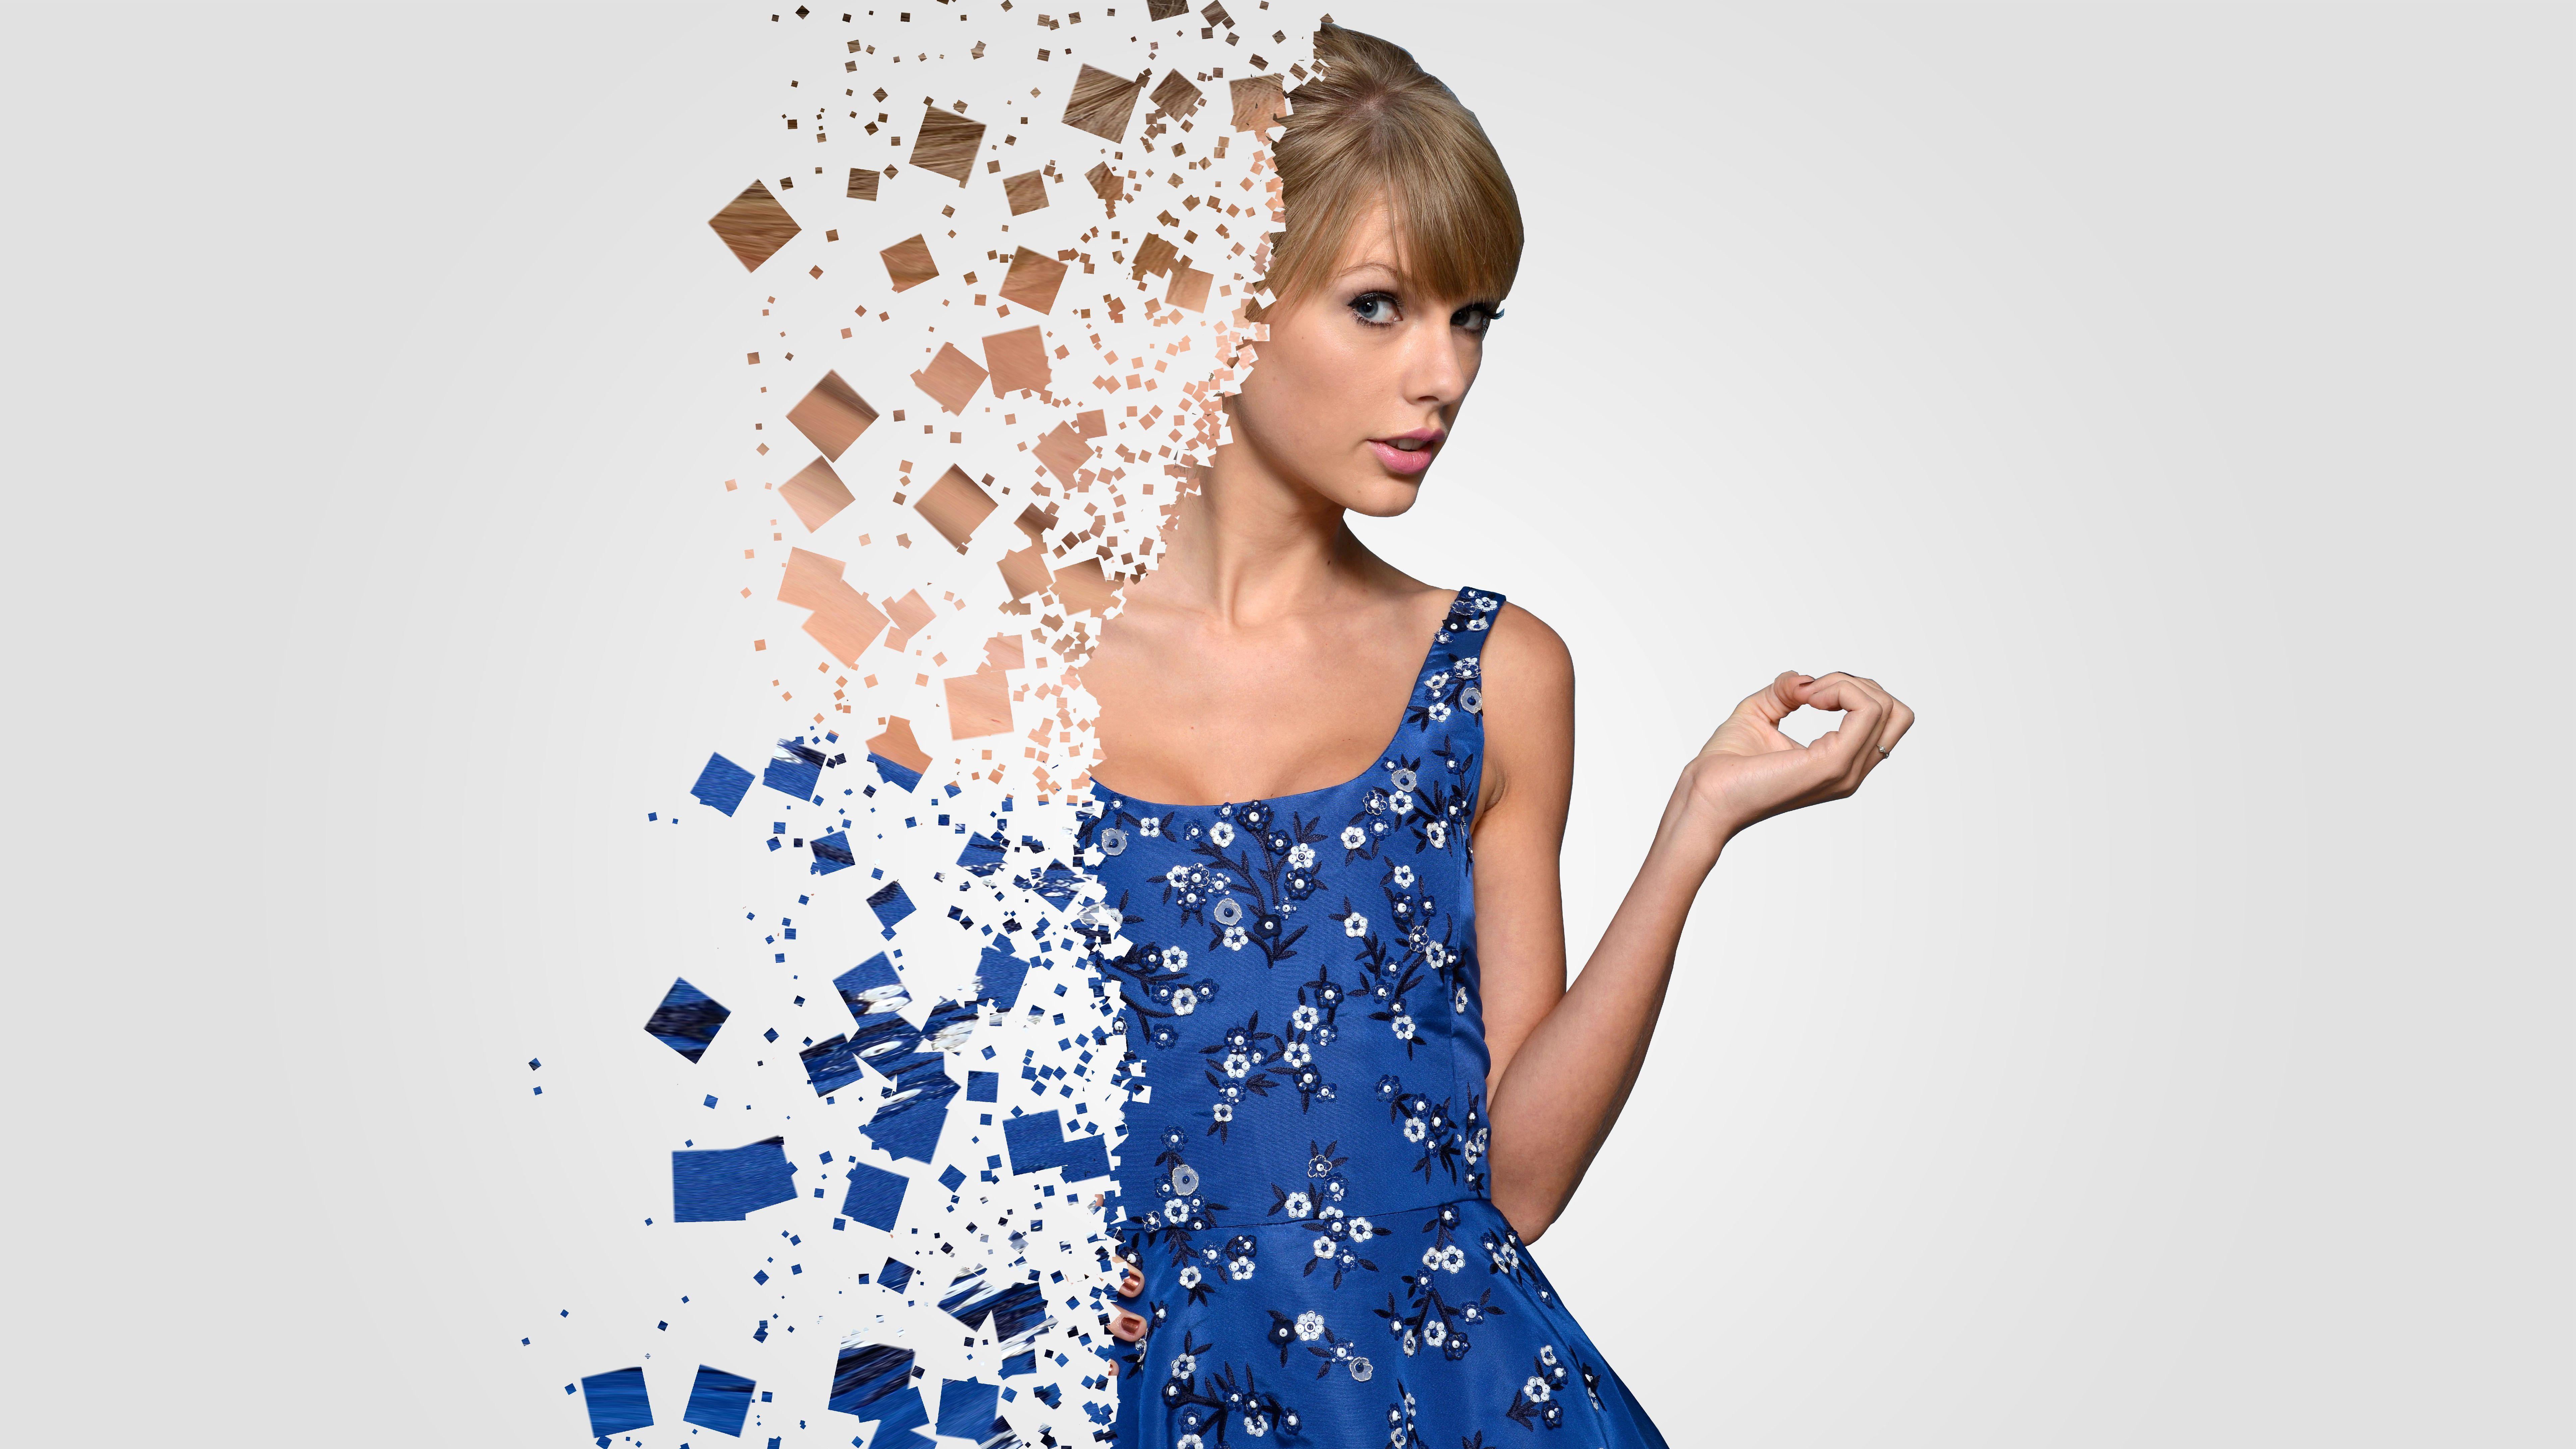 Wallpaper Taylor Swift Hd 4k 8k Celebrities 2244 Taylor Swift Wallpaper Top Music Artists Taylor Swift Top